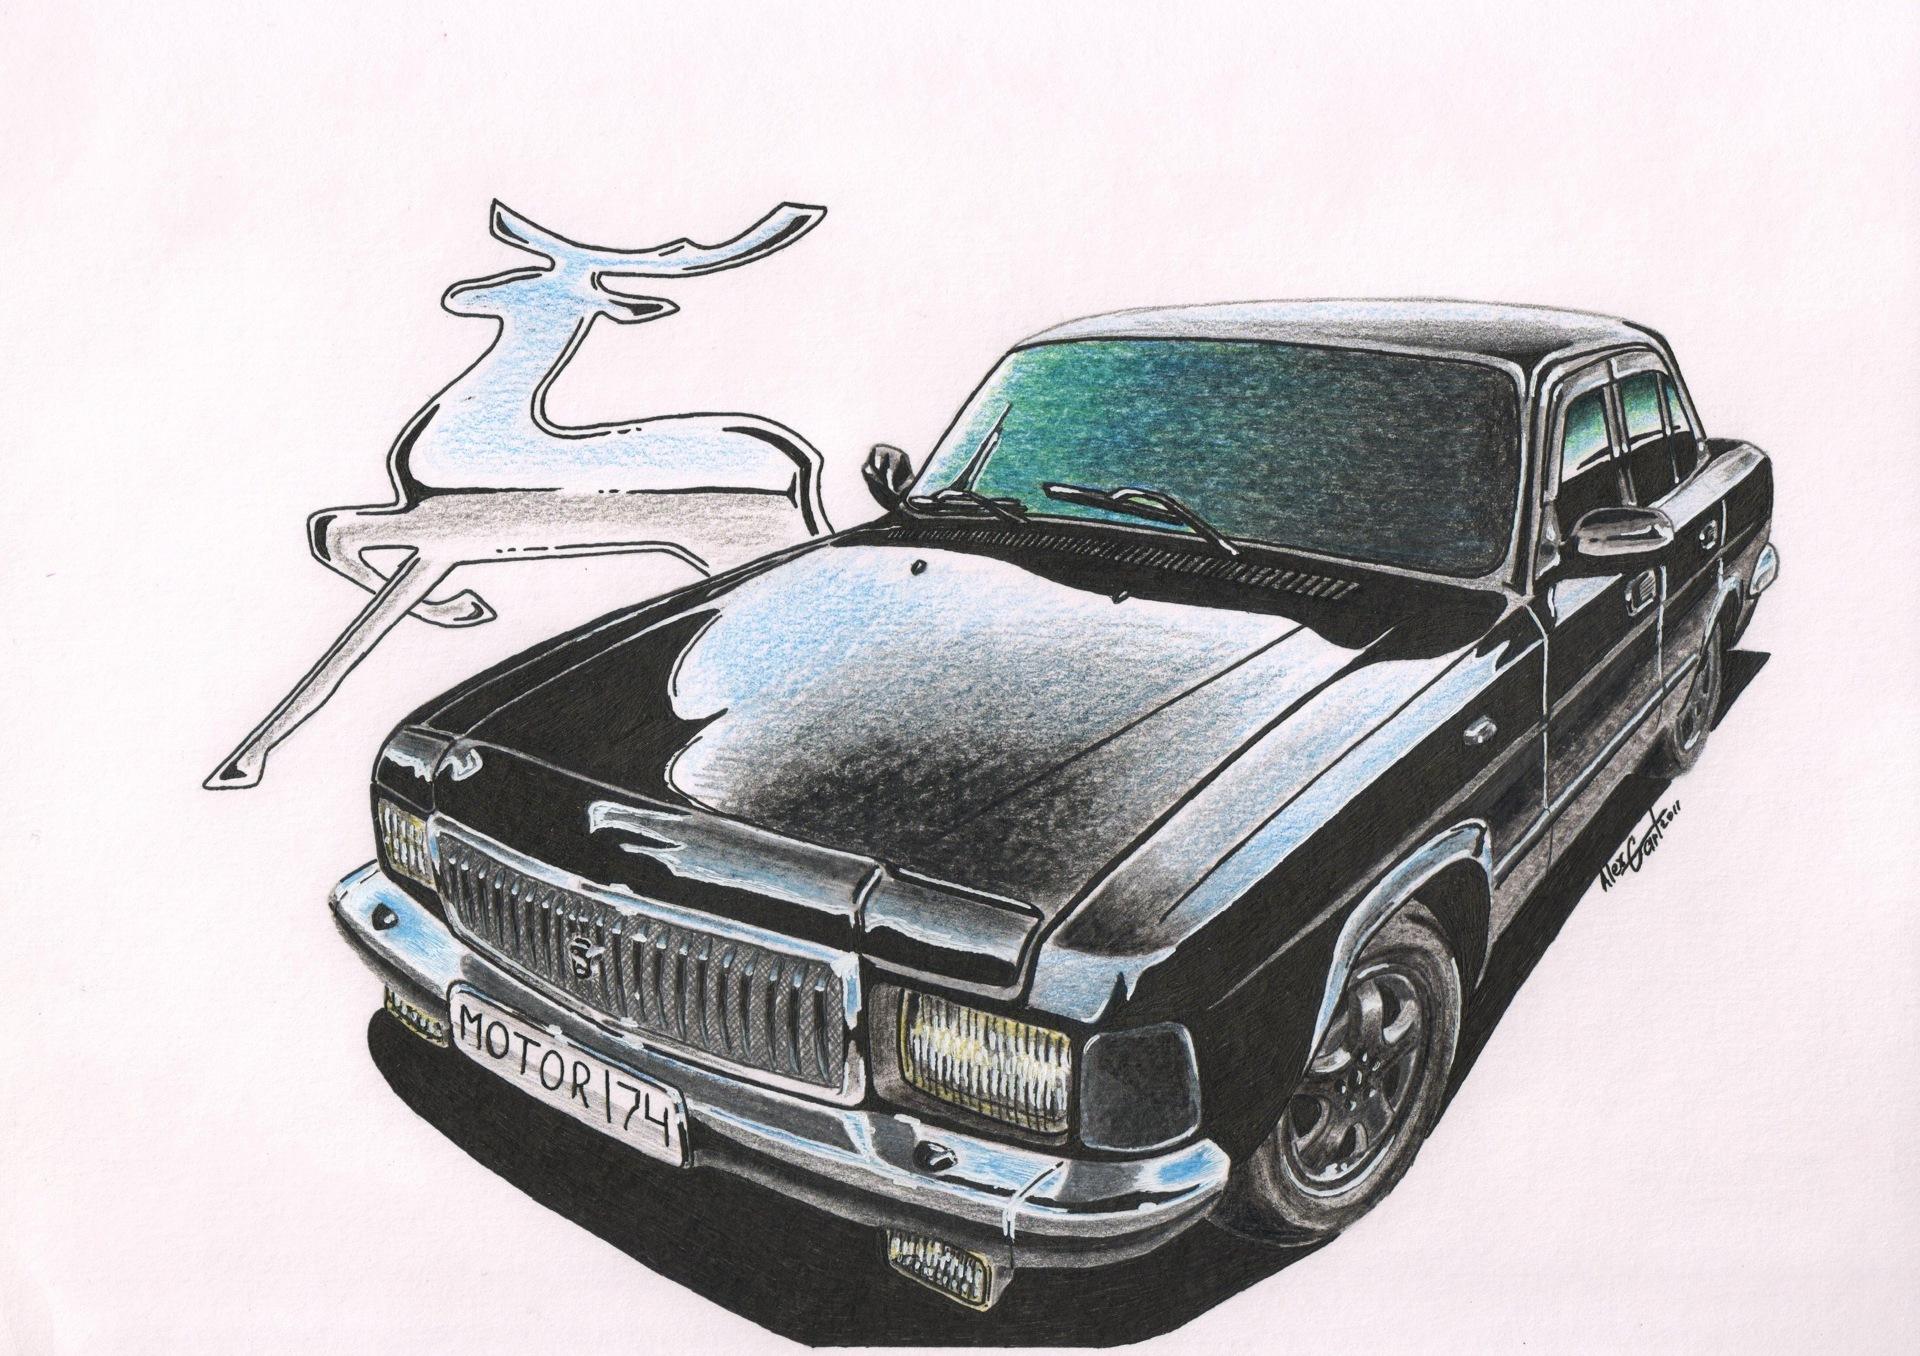 повезло креативные картинки логотипа газ волга интернет попали первые